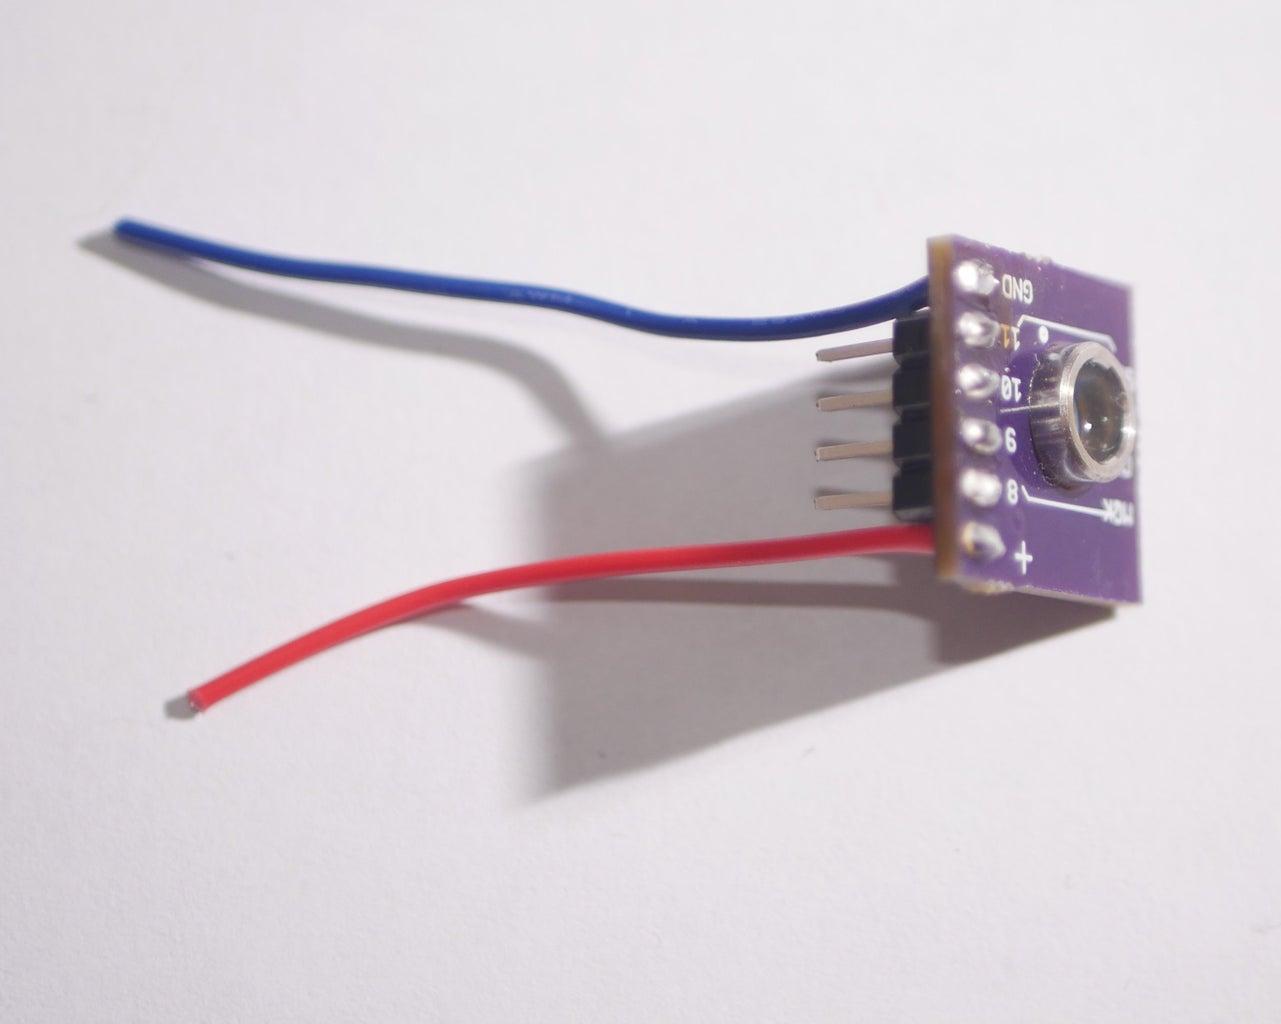 Soldering Sensor Onto Breakout Board